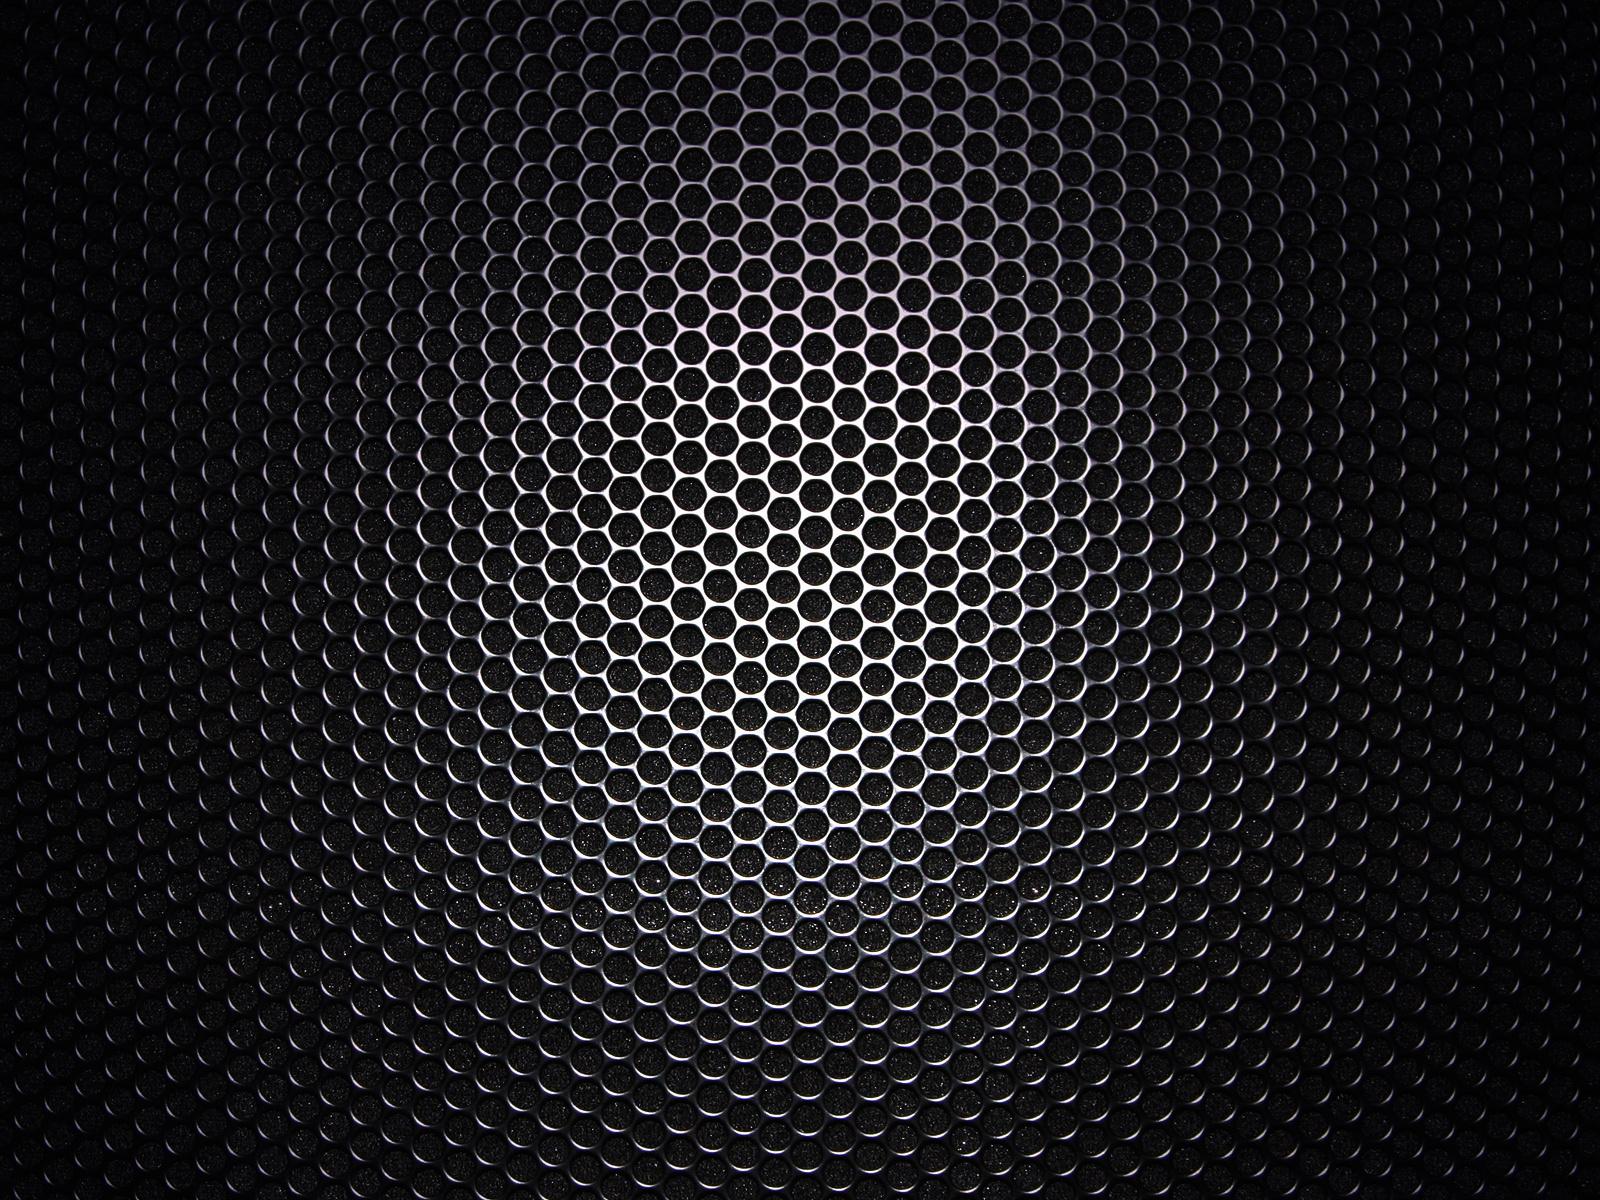 black carbon fiberCharcoalTexture 3sir 1600x1200